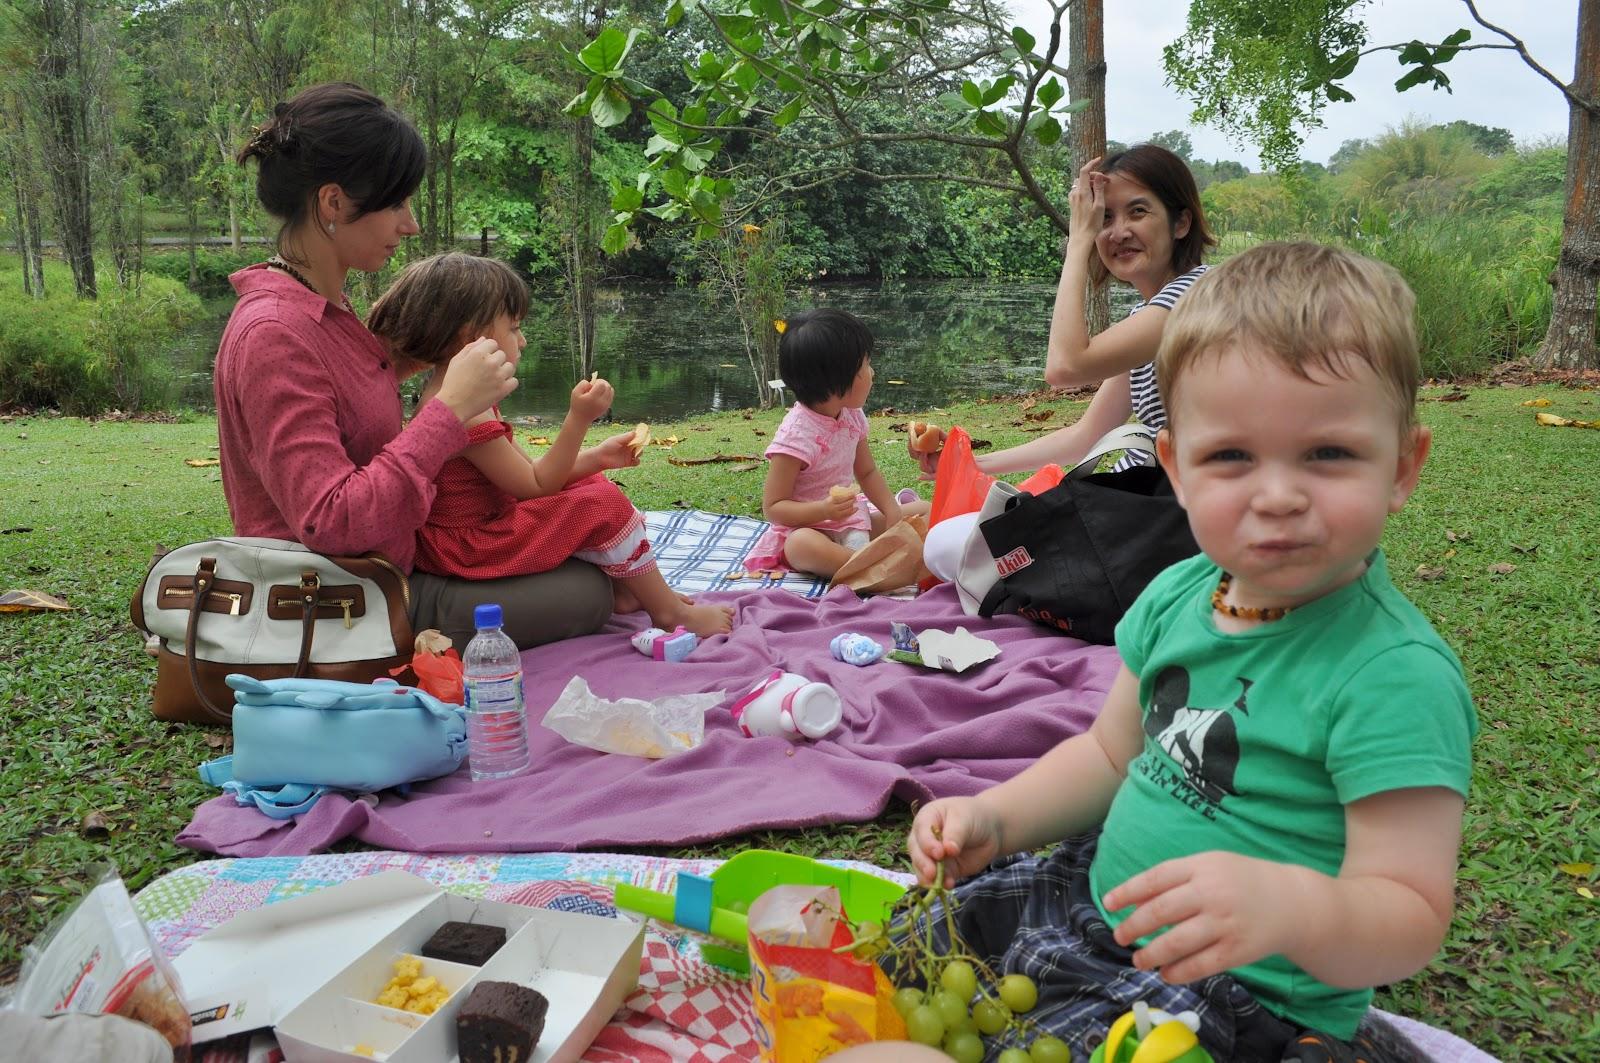 Picknick im eigenen garten : Familie ising roy picknick im botanischen garten